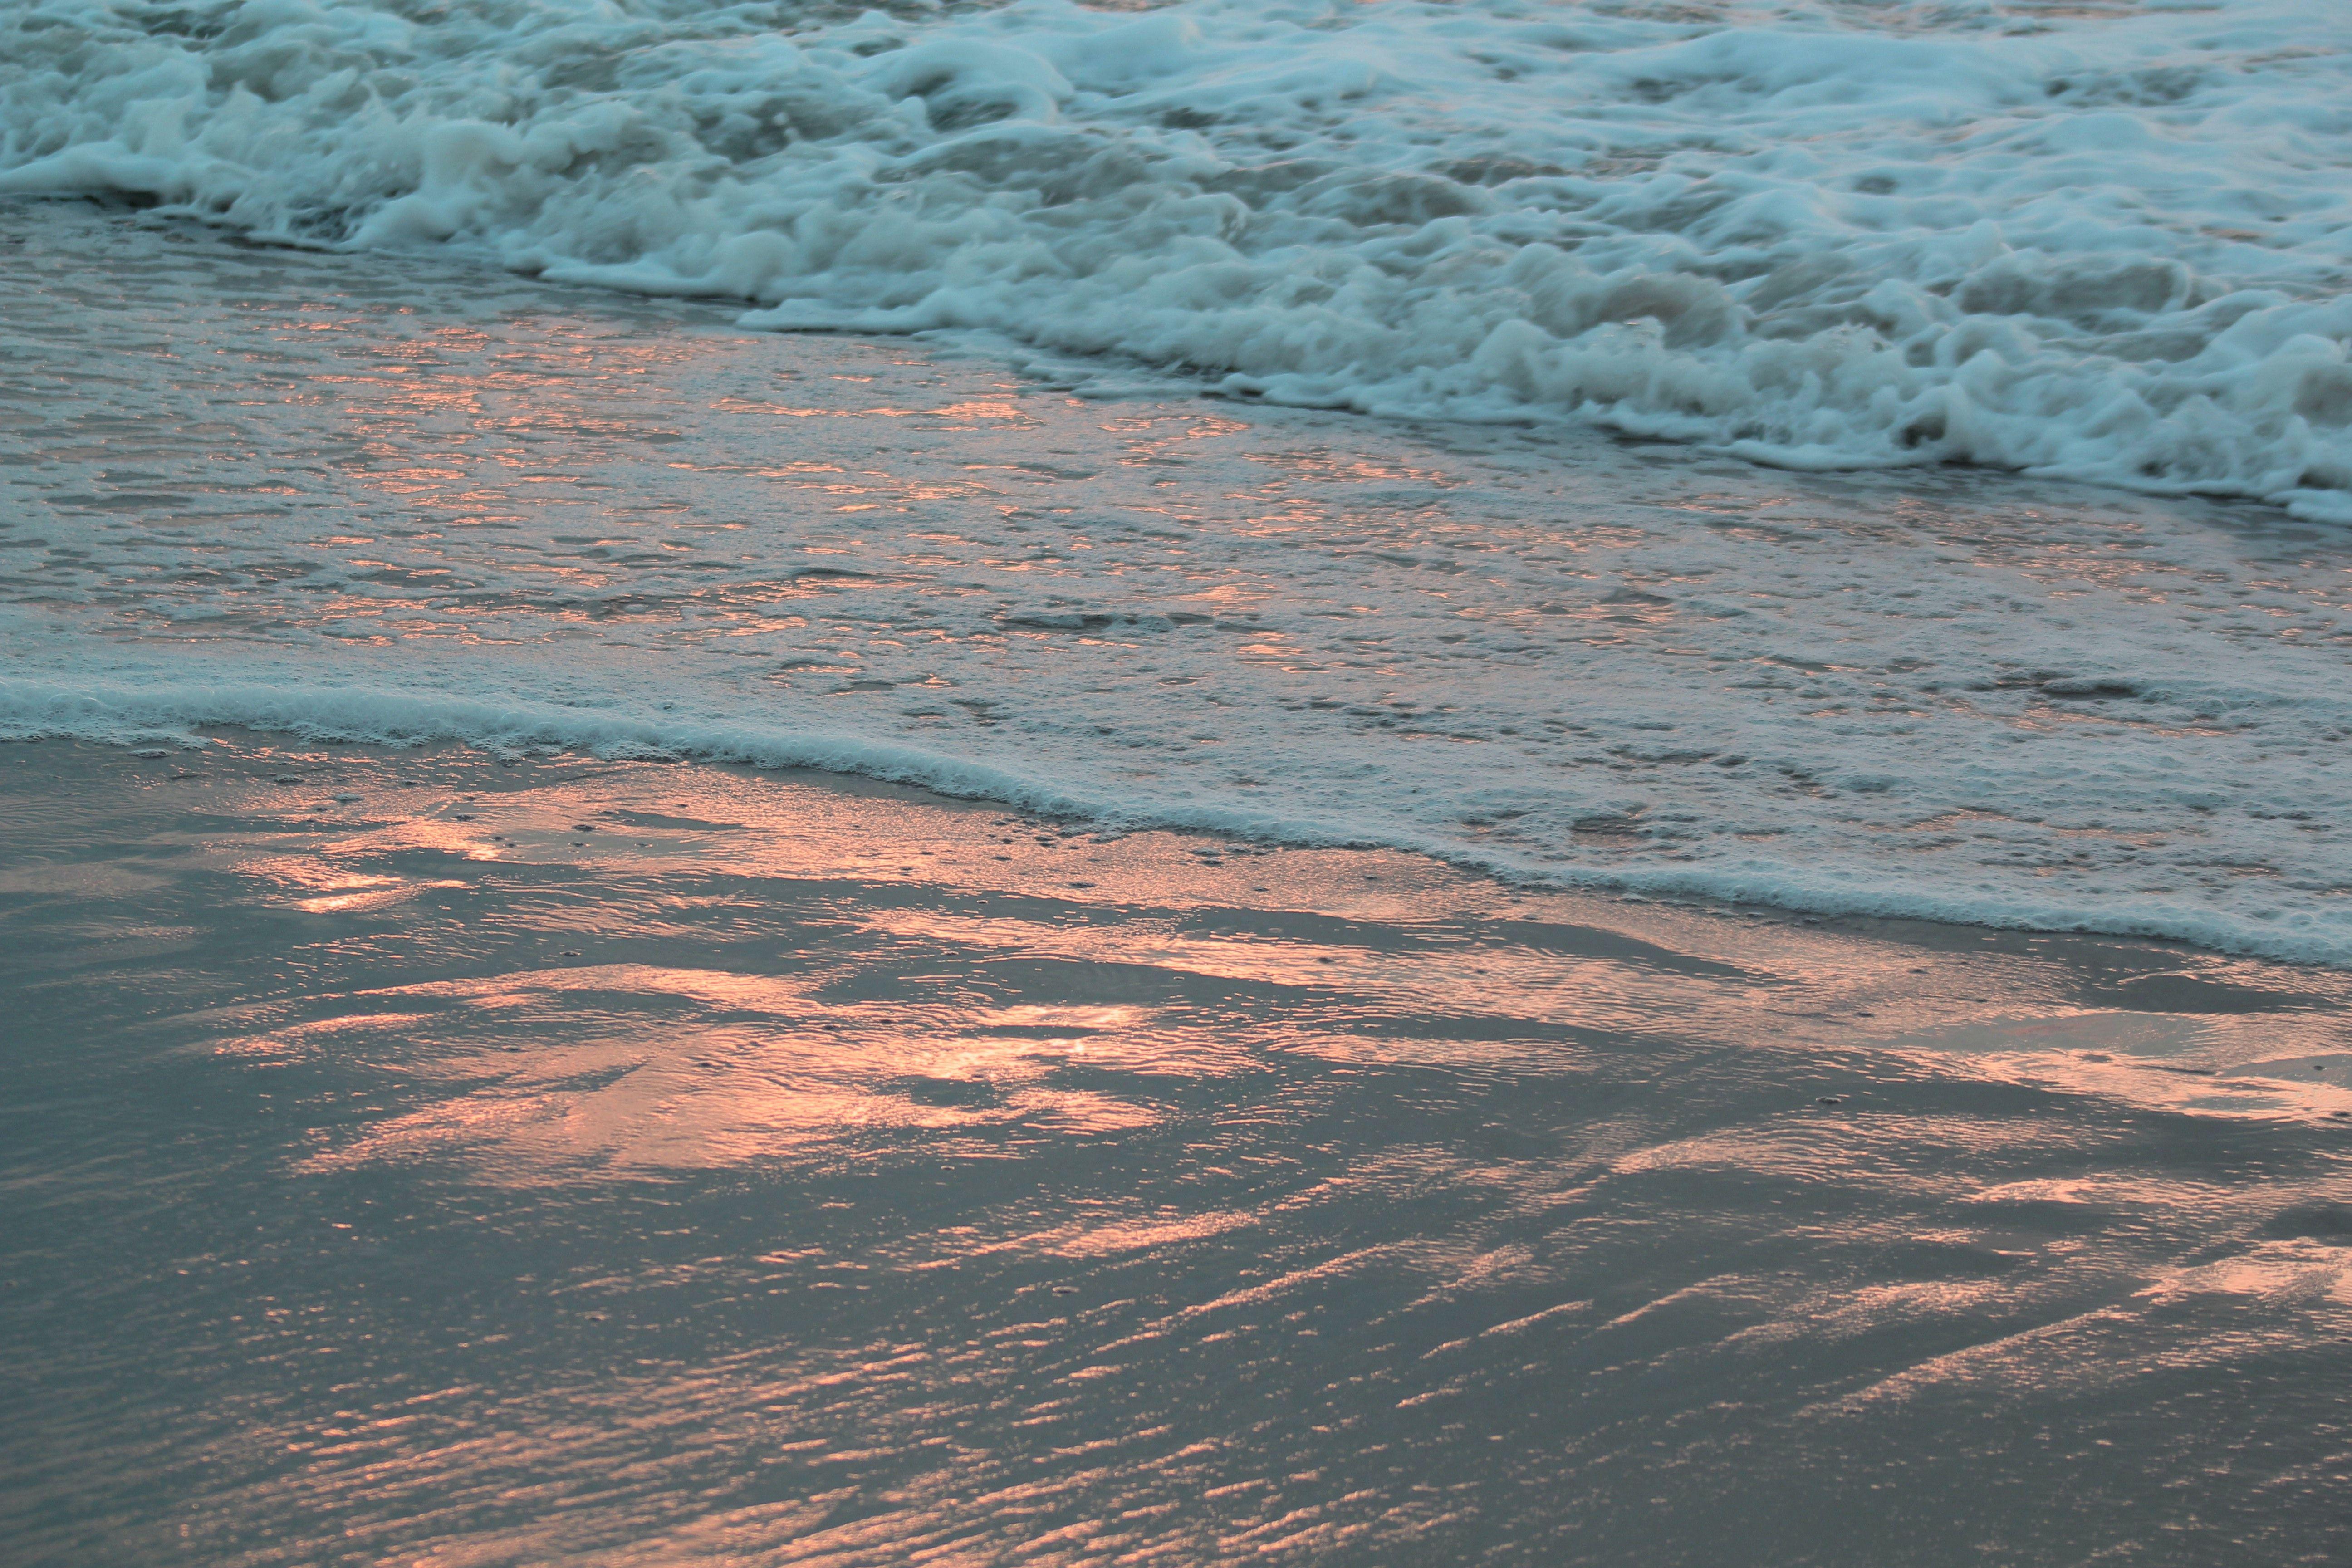 Sunrise on Assateague, by Danielle Andrew http://whurrledpeas.deviantart.com/